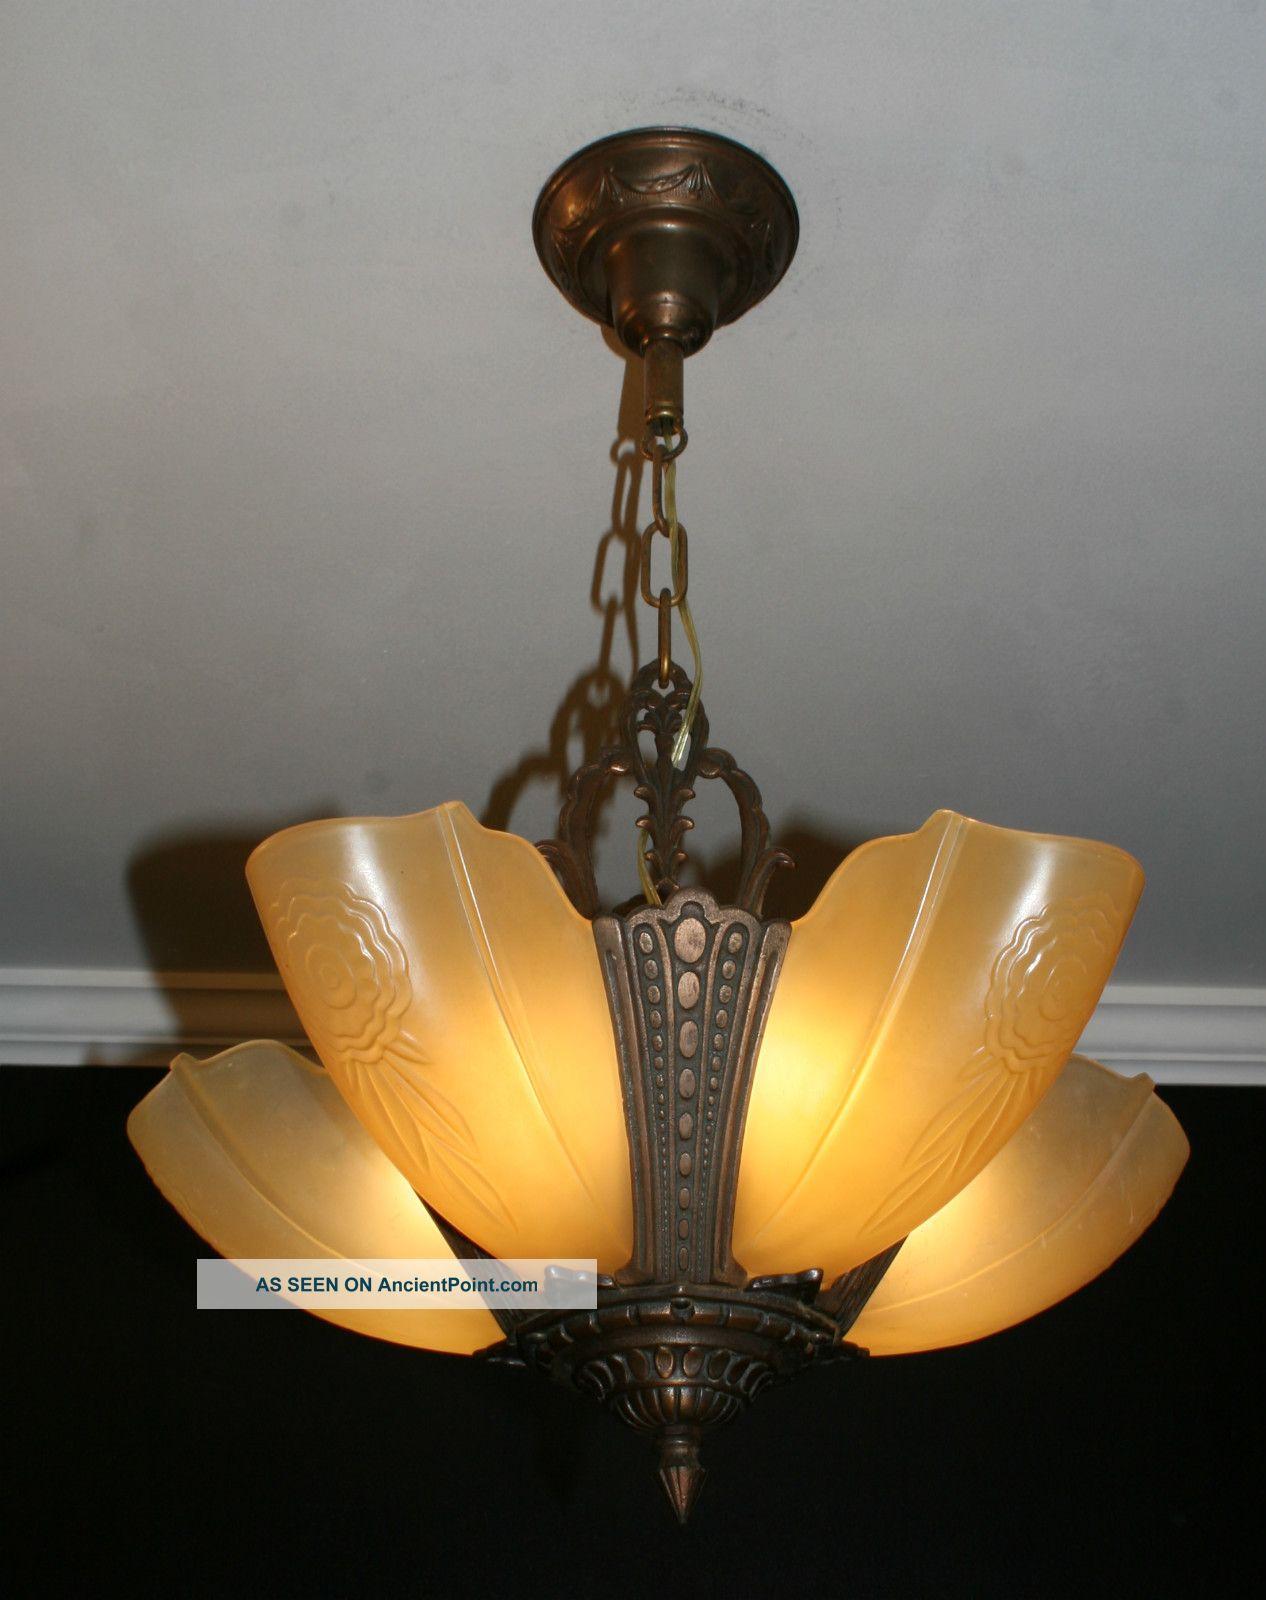 Vintage ceiling lights